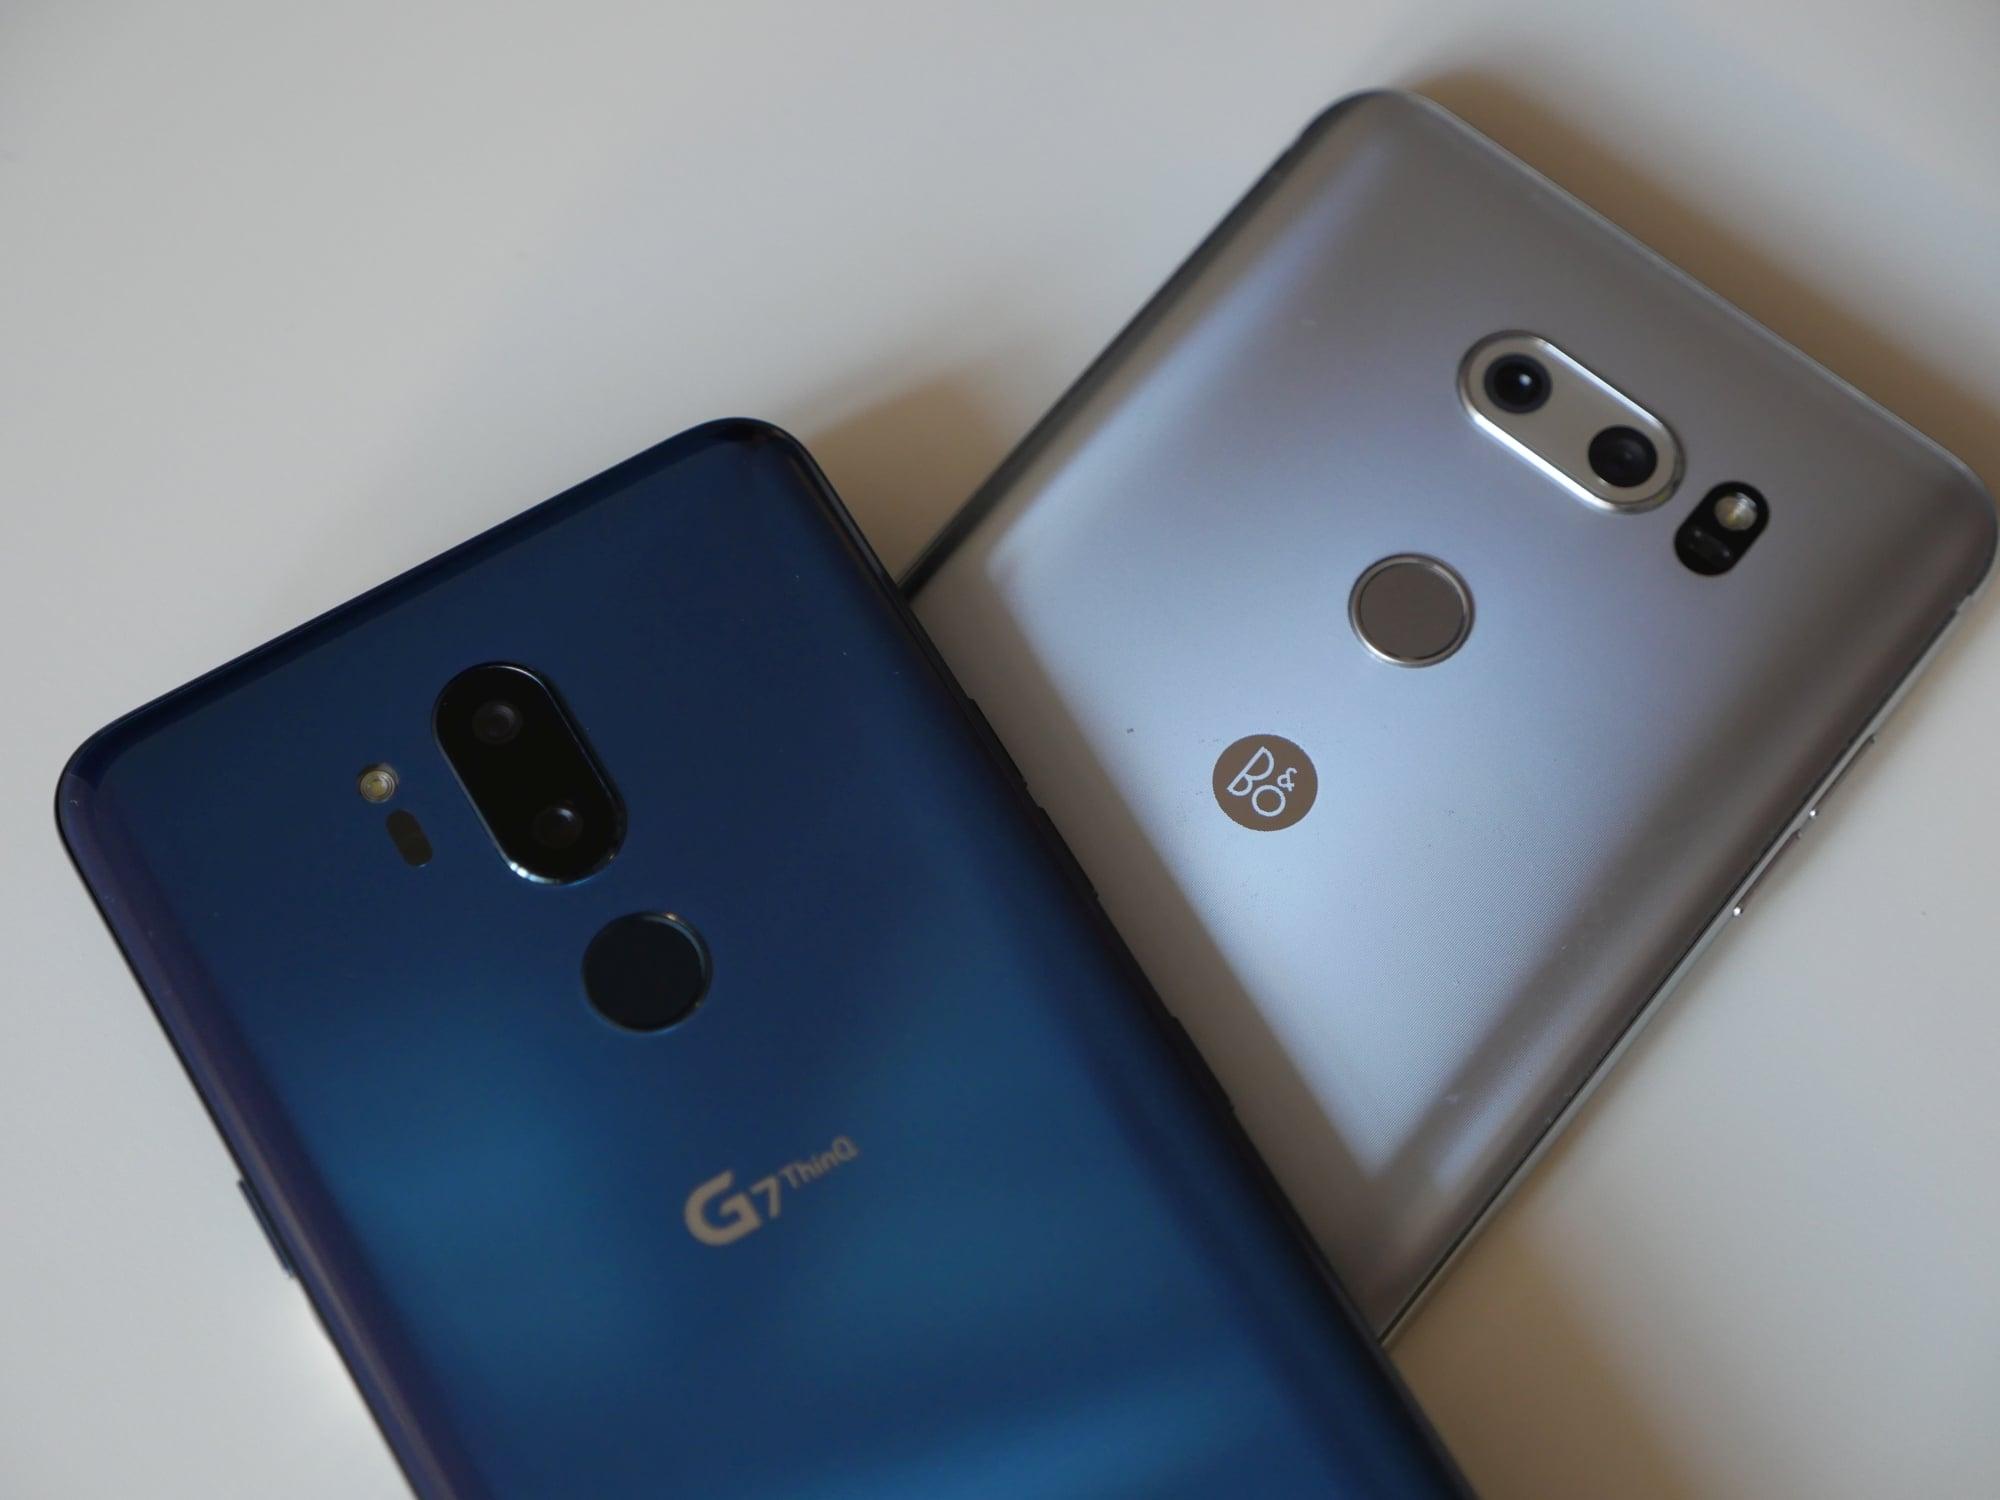 Dwa najlepsze smartfony LG w jednym miejscu, czyli porównanie G7 ThinQ i V30 19